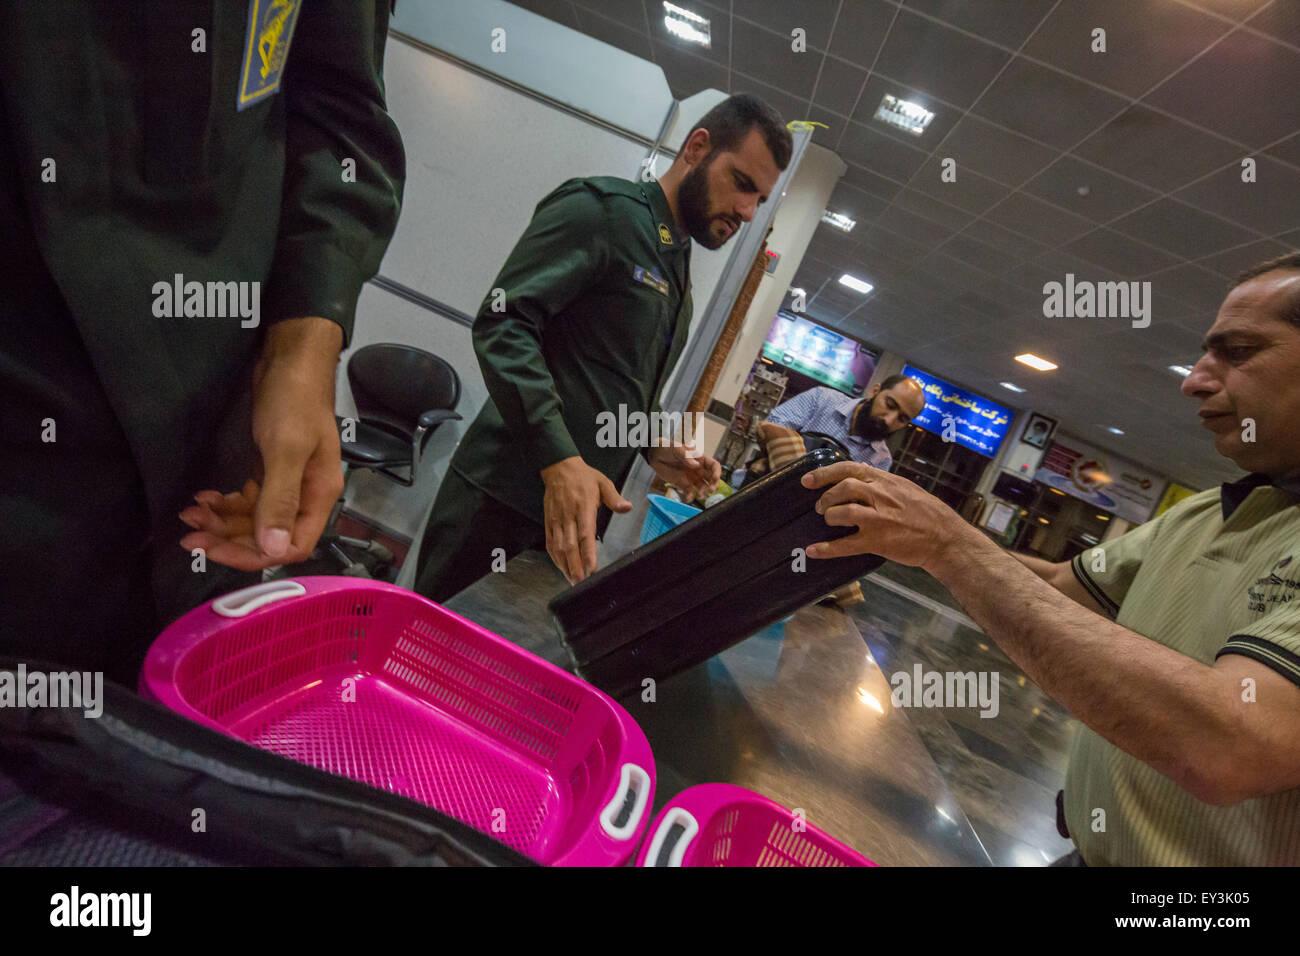 Comprobación de seguridad, el aeropuerto de Zahedan, Irán Imagen De Stock